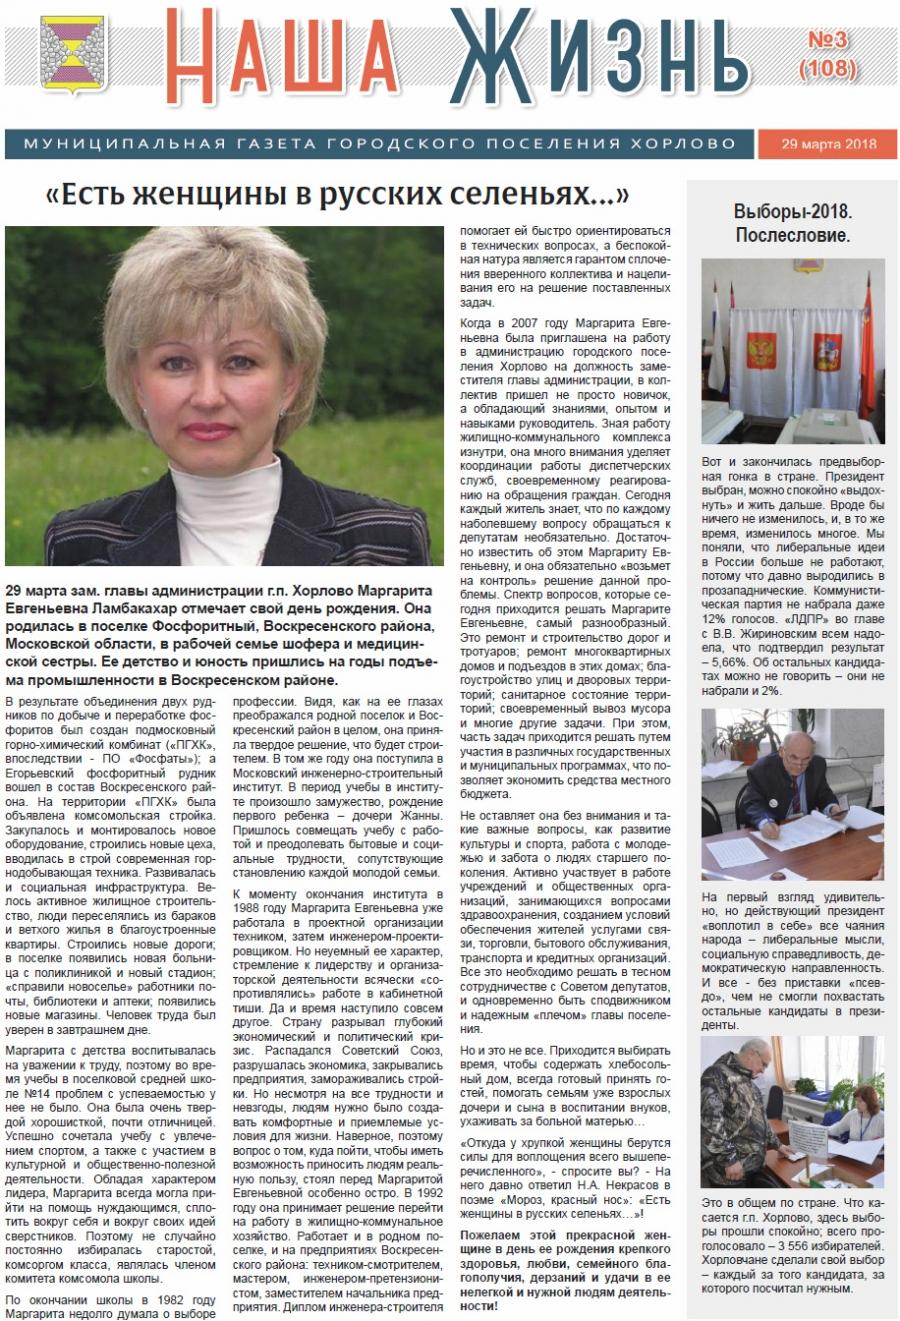 """Газета """"Наша жизнь"""" - 29 марта 2018 года"""